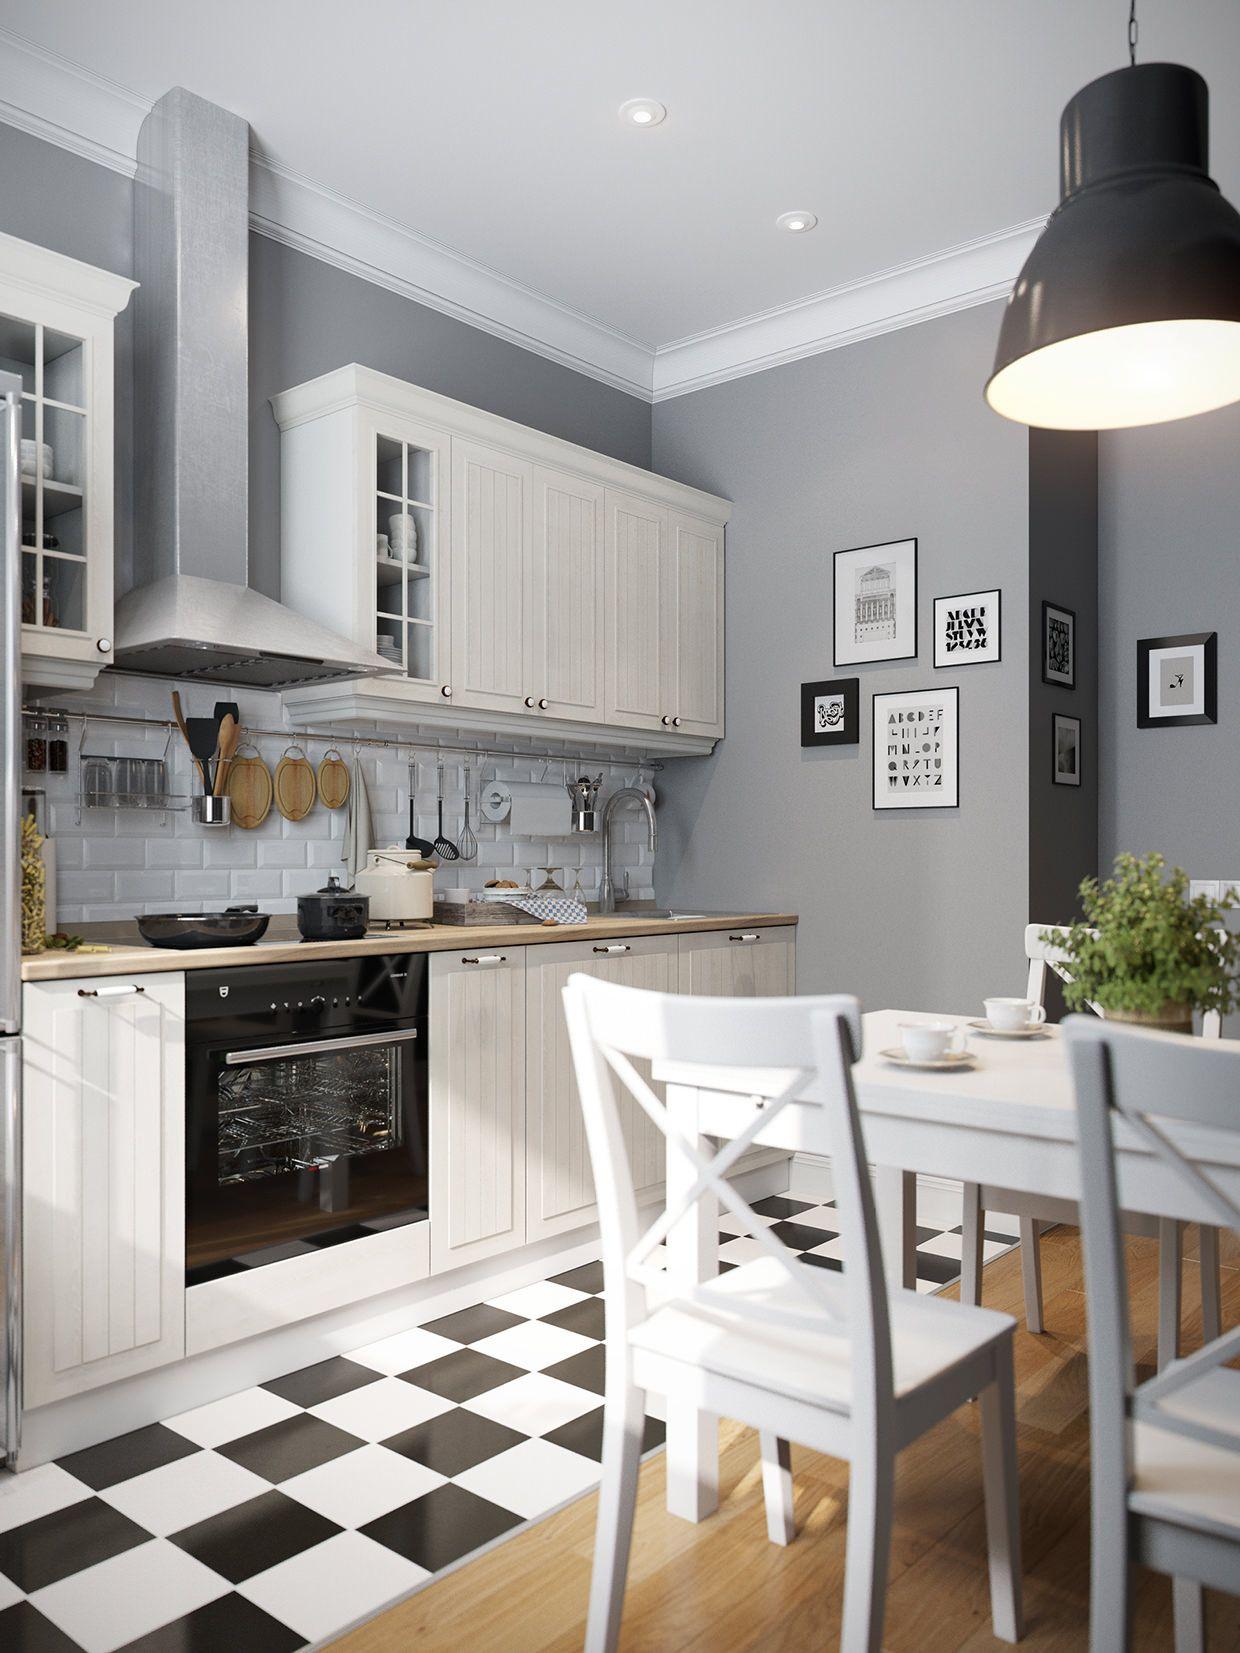 Скандинавский дизайн интерьера кухни 8 кв метров